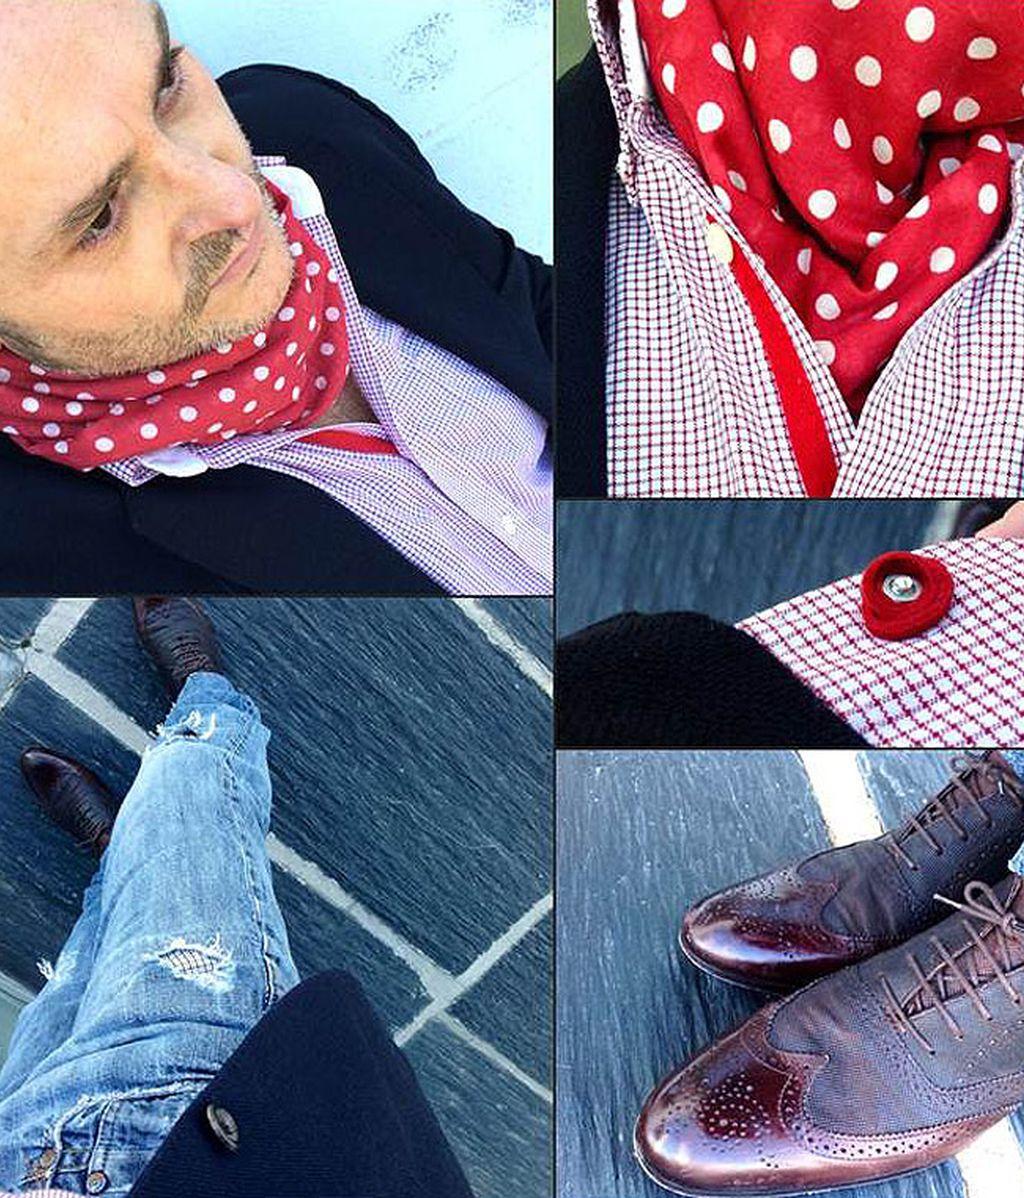 Jeans&Lunares (28/01/2014)